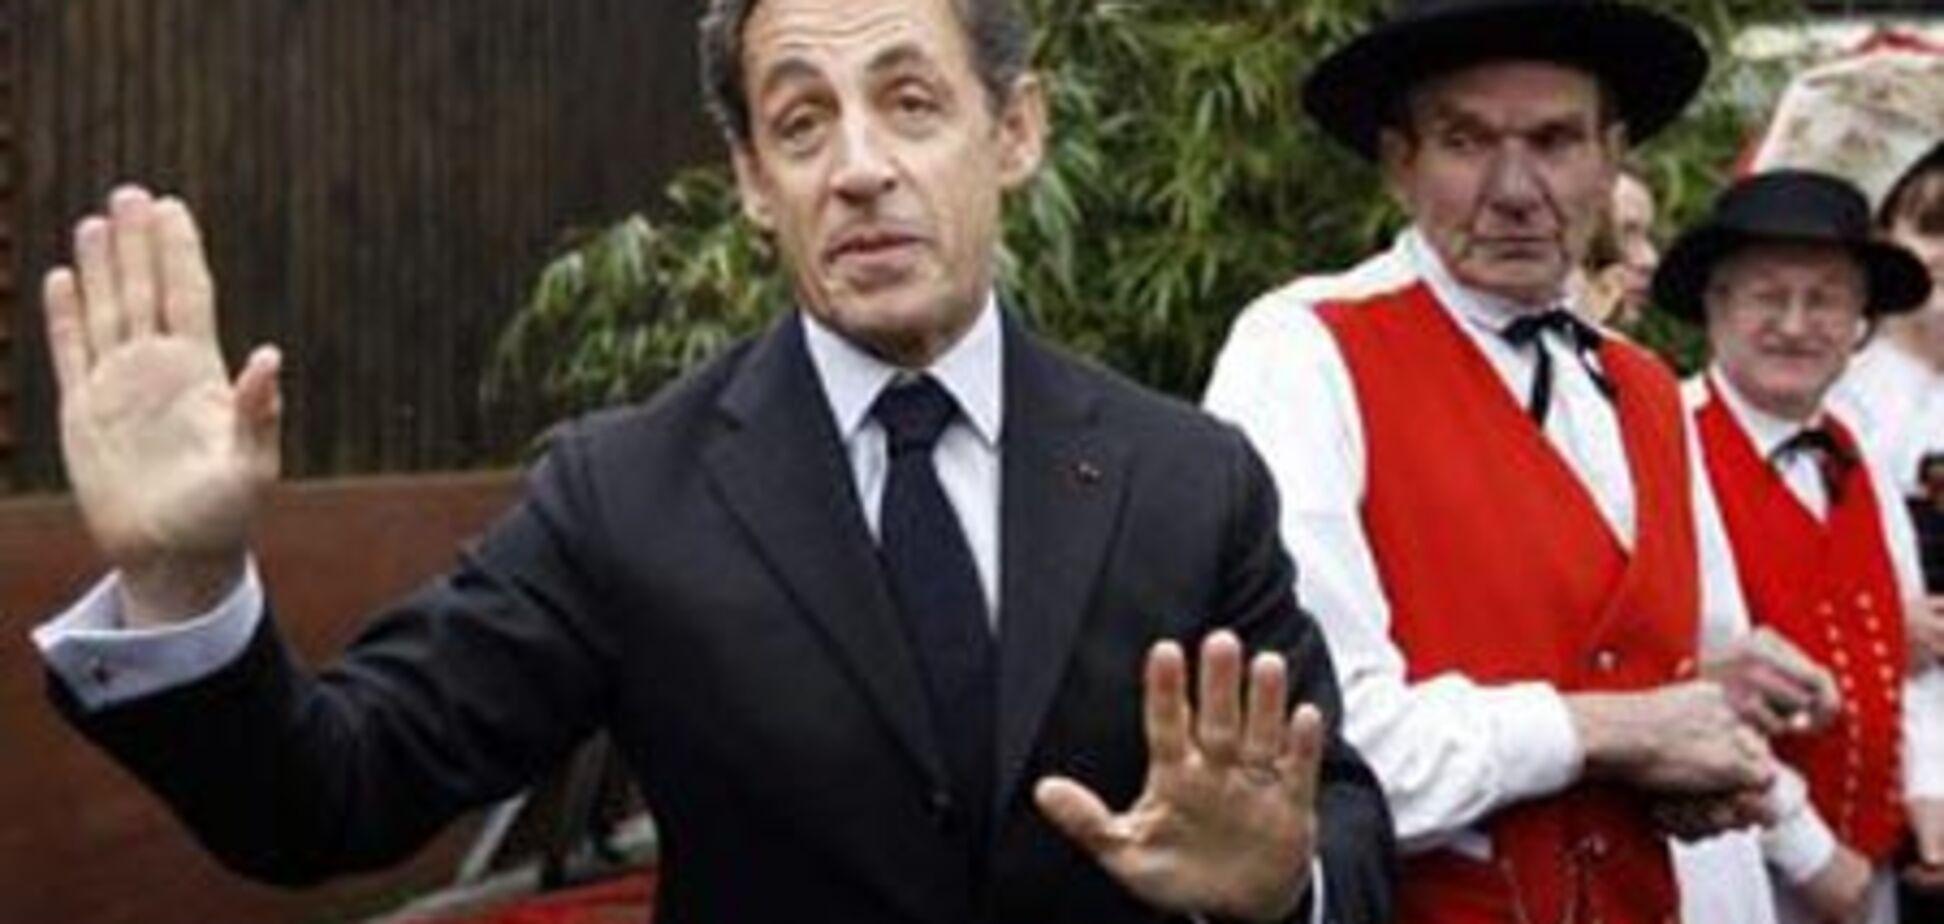 Ніколя Саркозі подарував Ельзас Німеччини